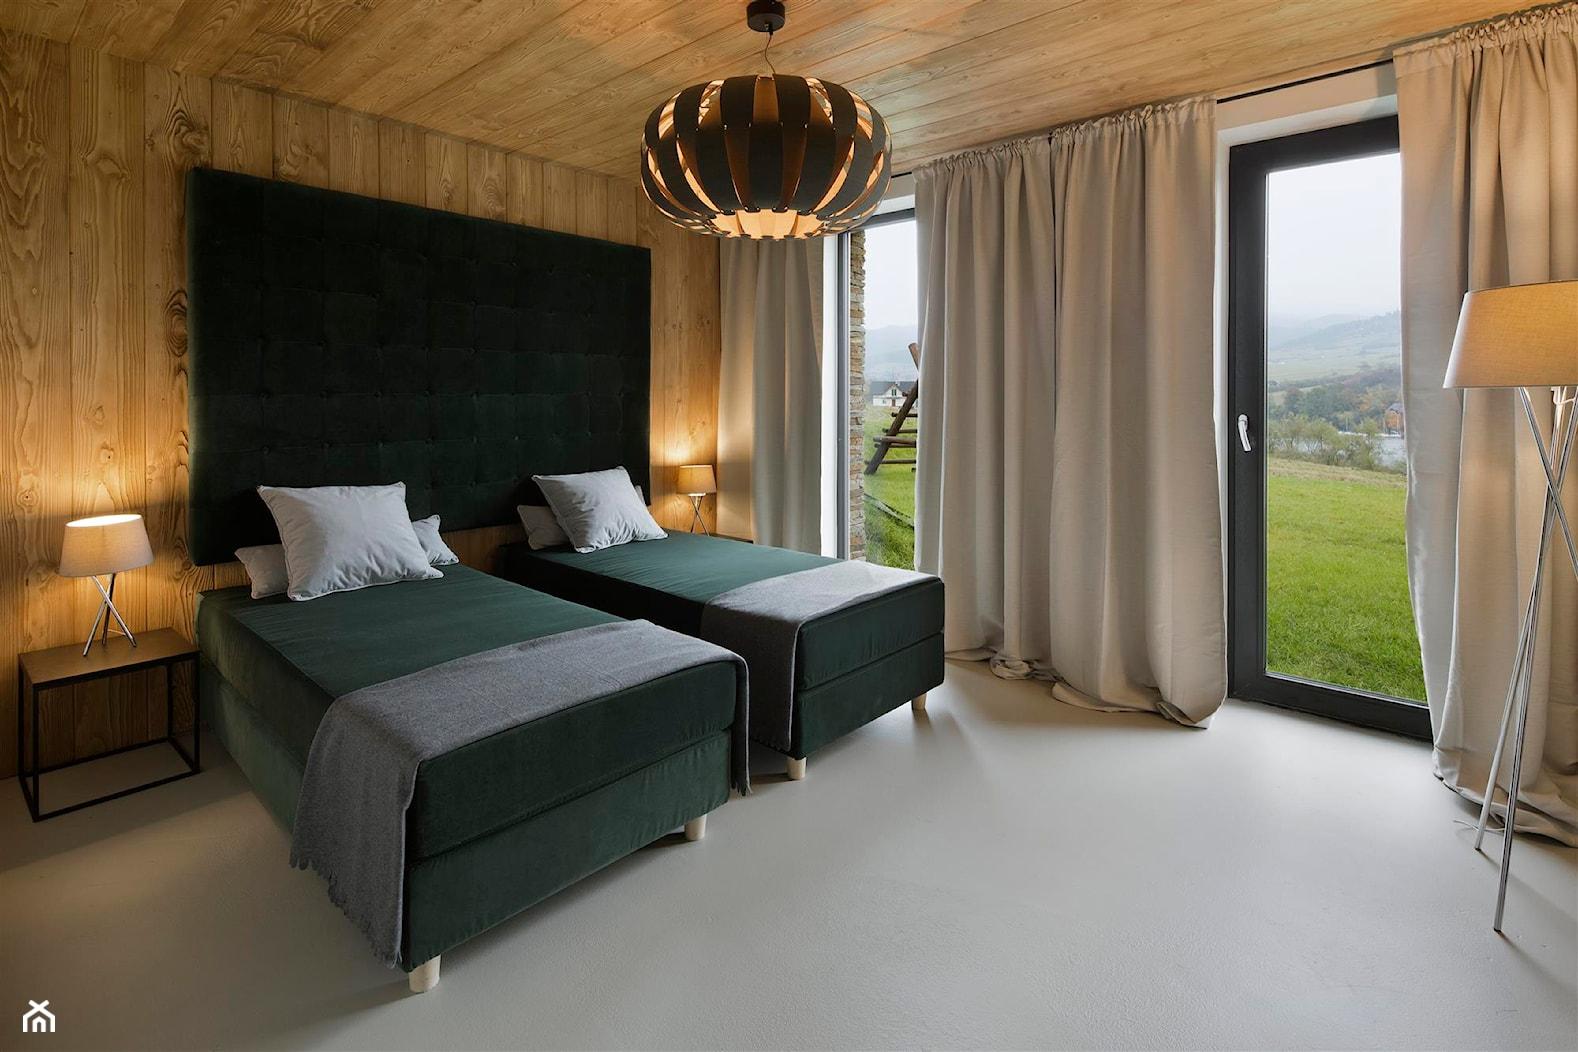 Mountain Cottage - Duża kolorowa sypialnia dla gości z balkonem / tarasem, styl nowoczesny - zdjęcie od HOLA DESIGN - Homebook